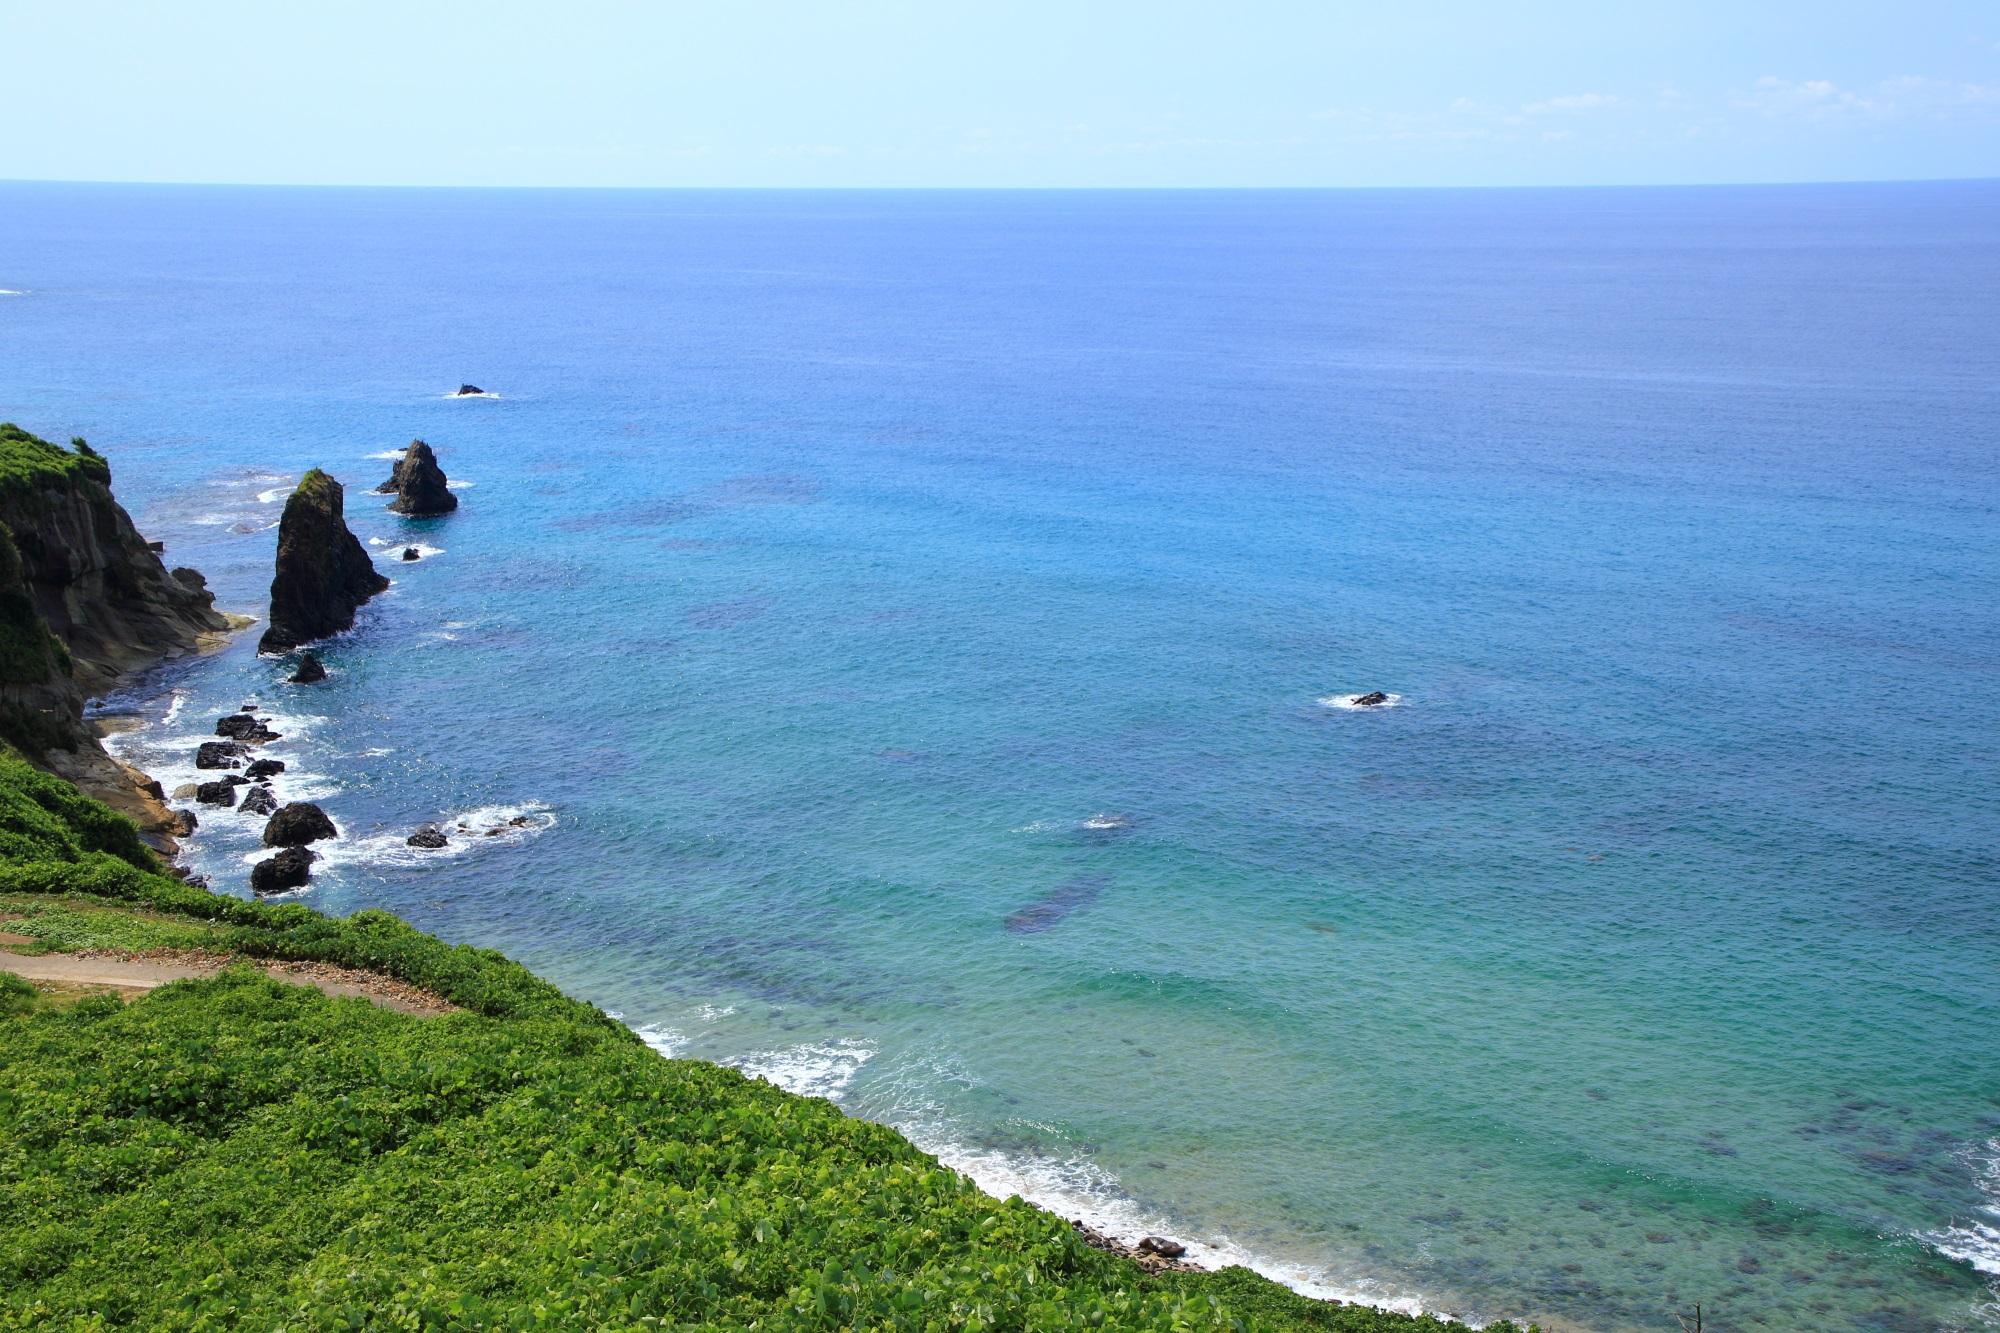 何時間でも見ていられそうな京丹後市の屏風岩と青い日本海